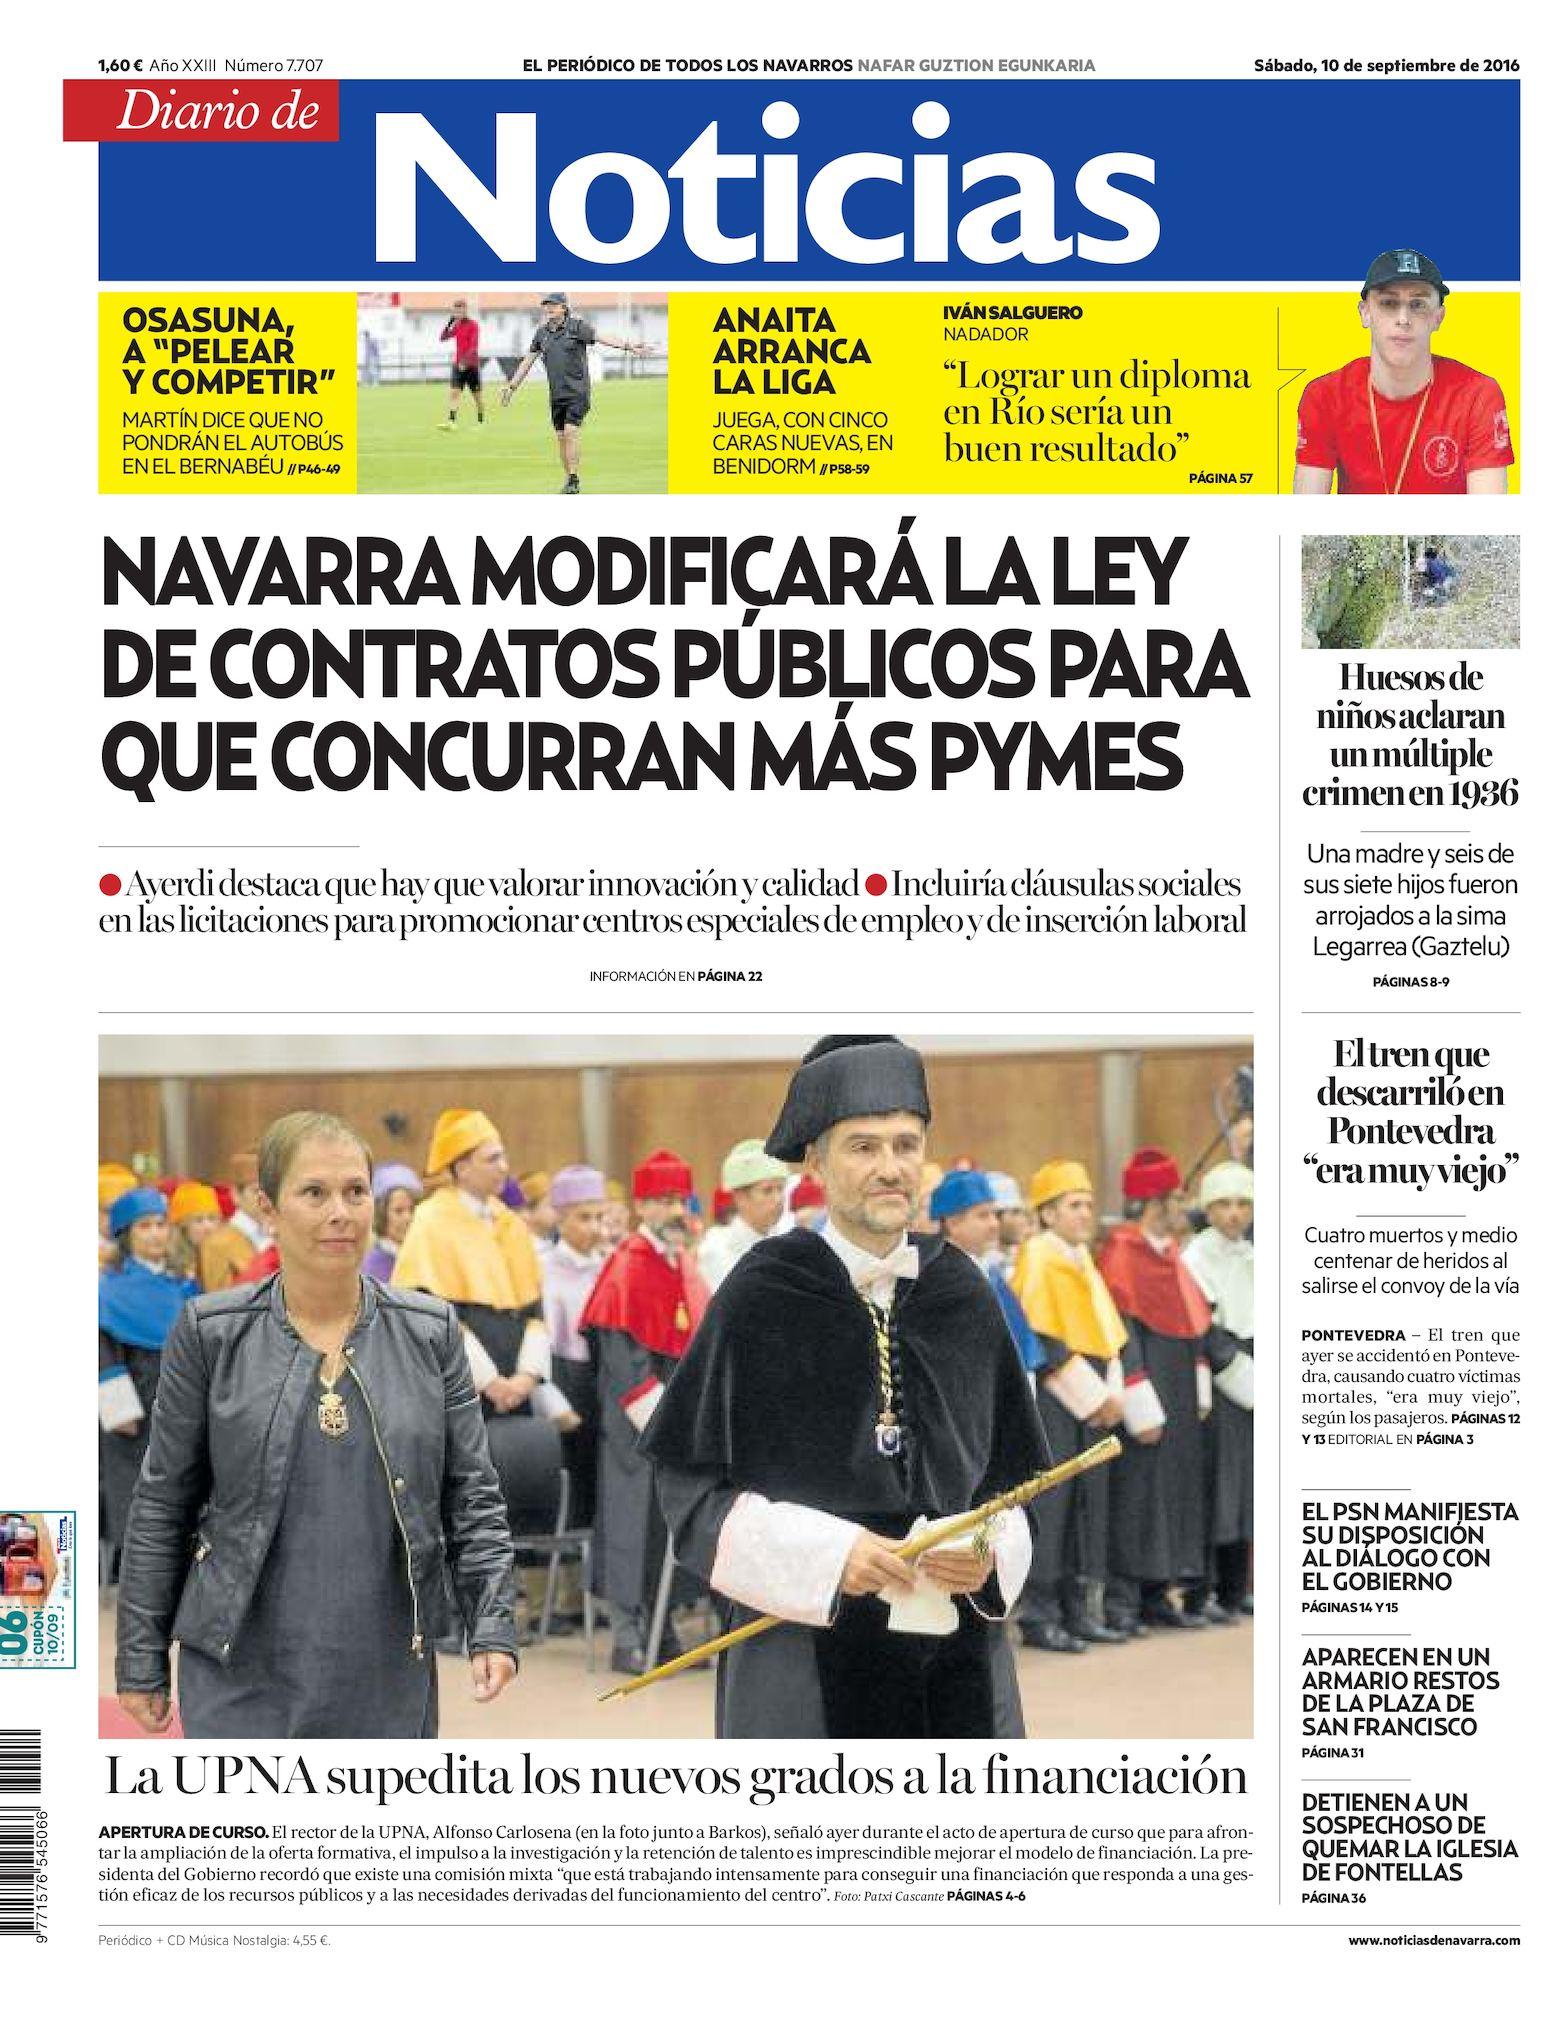 Calaméo - Diario de Noticias 20160910 07470a406f7